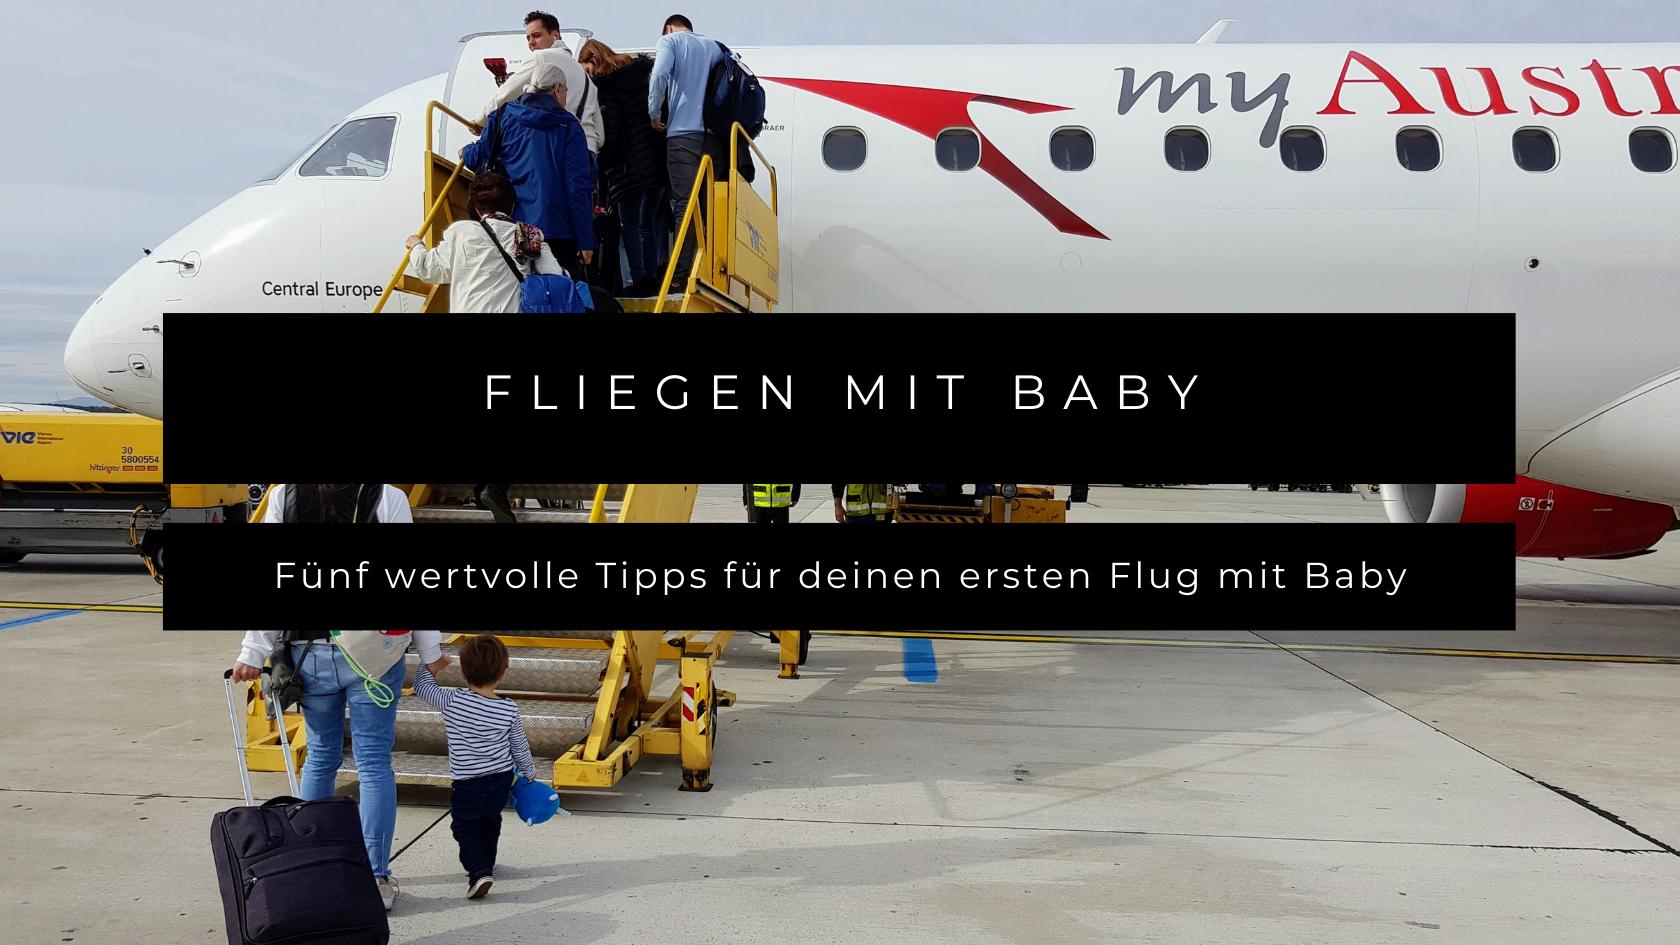 Fliegen mit Baby - Fünf wertvolle Tipps